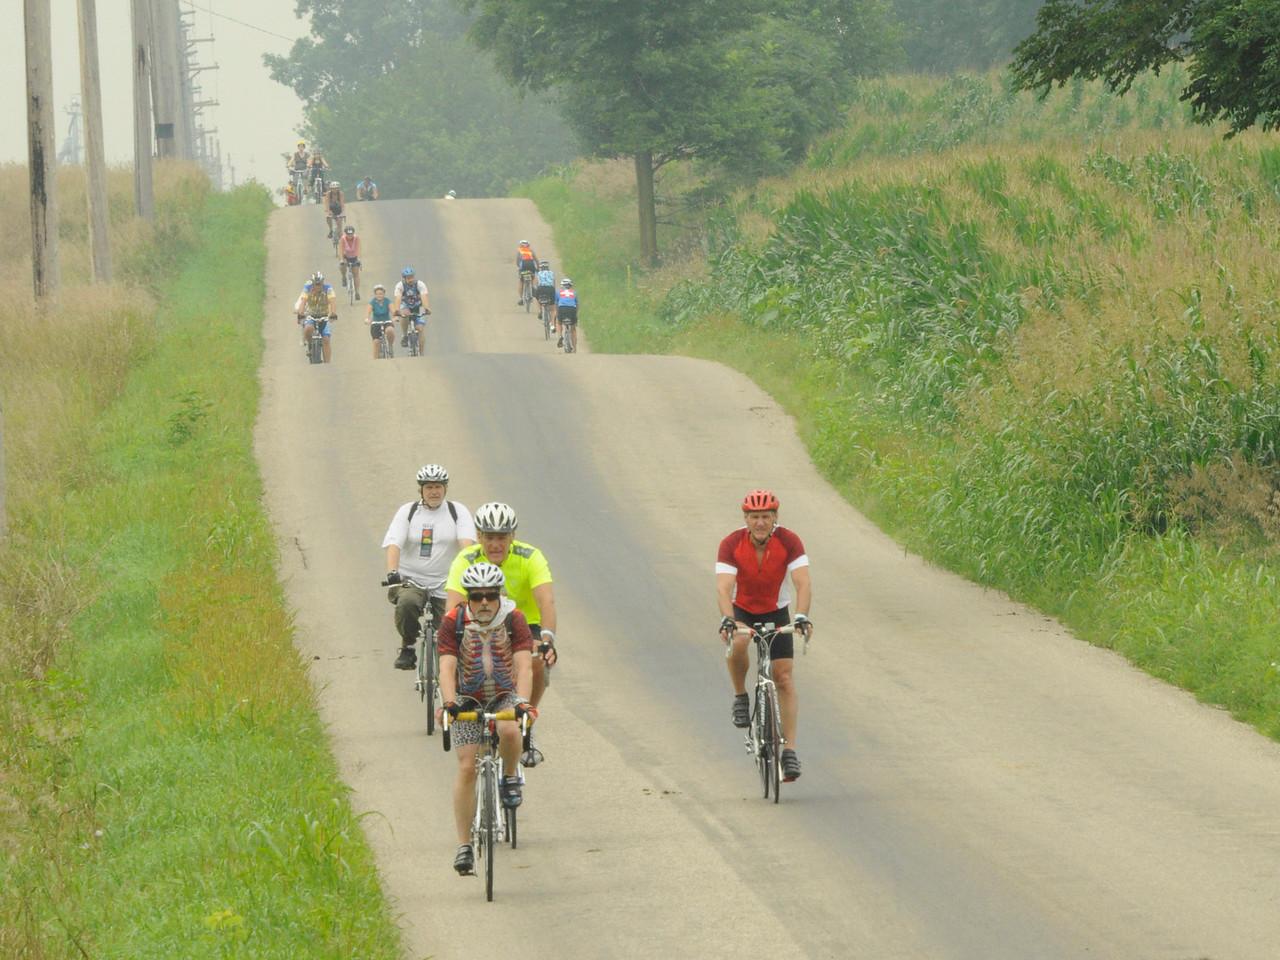 Bicycle expressway